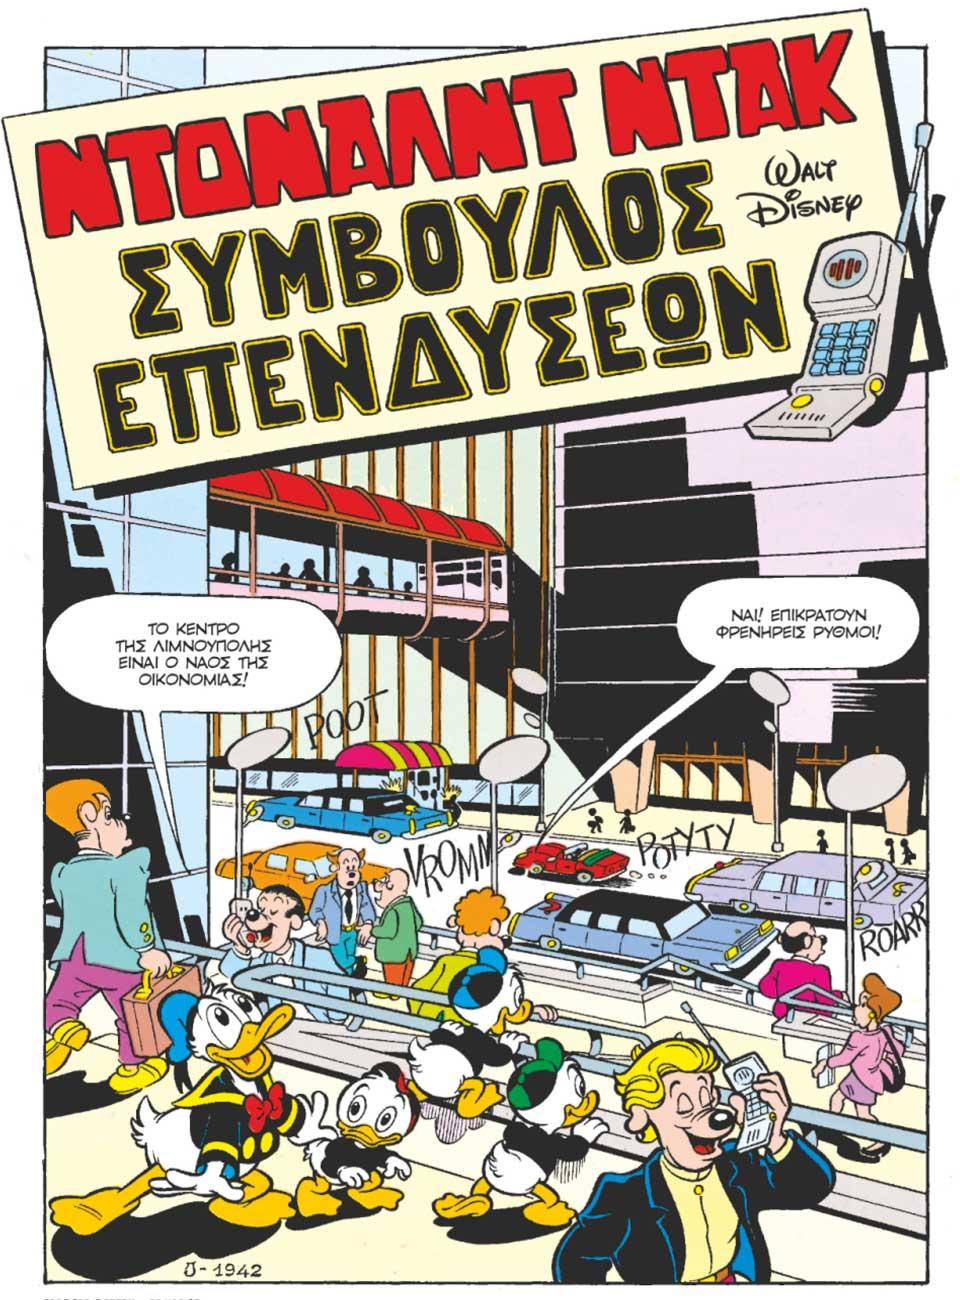 i-oikonomia-toy-skroytz1